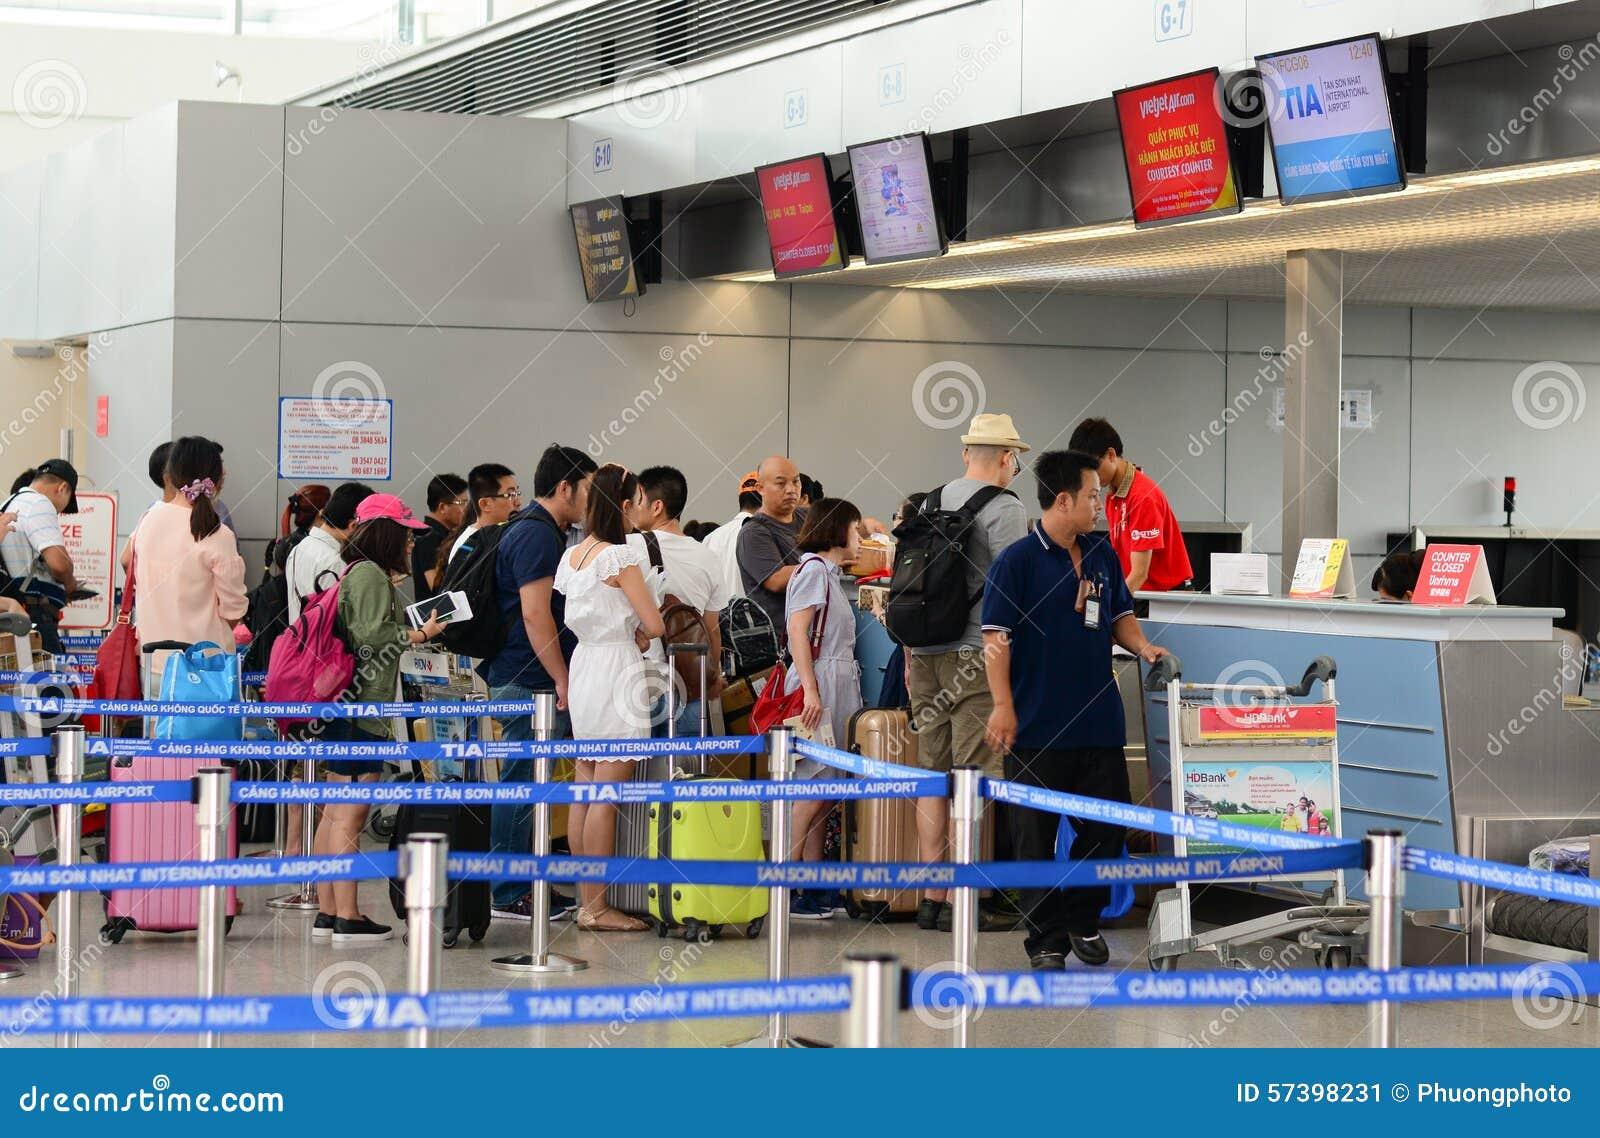 Aziatische reizigers bij aankomstterminal in Tan Son Nhat